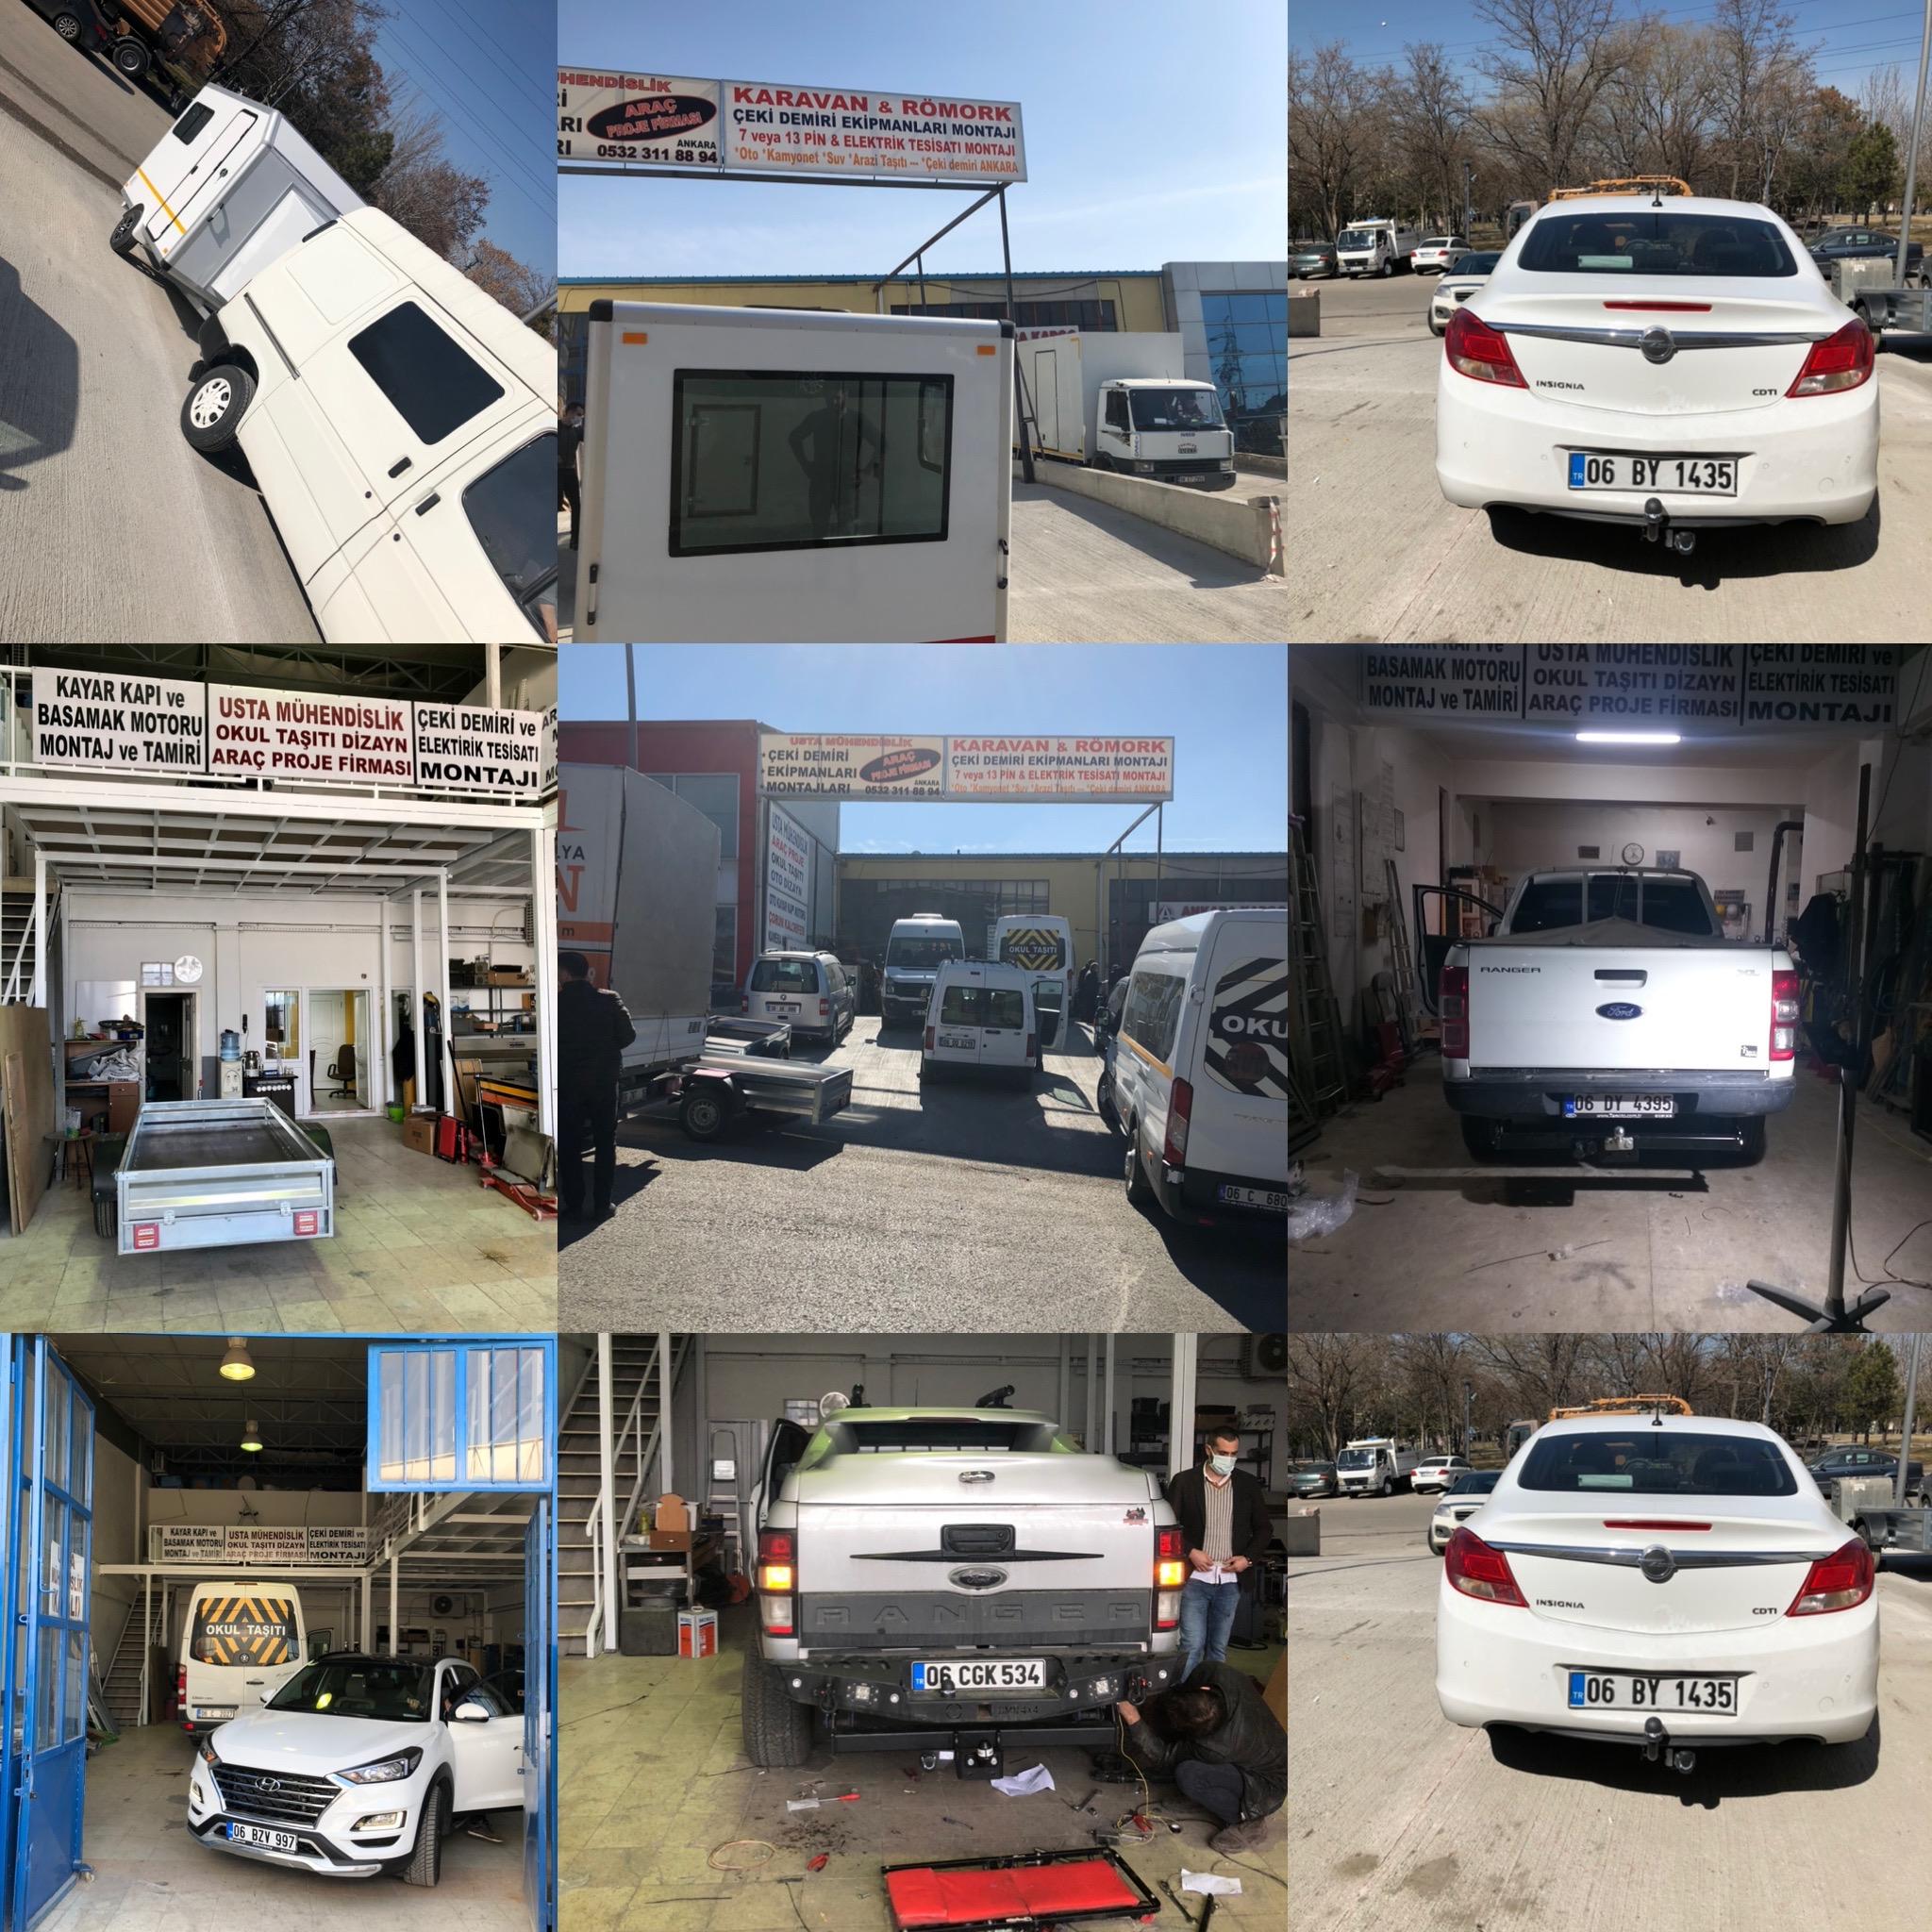 çeki demiri takma montjı ve araç proje firması Ankara 048